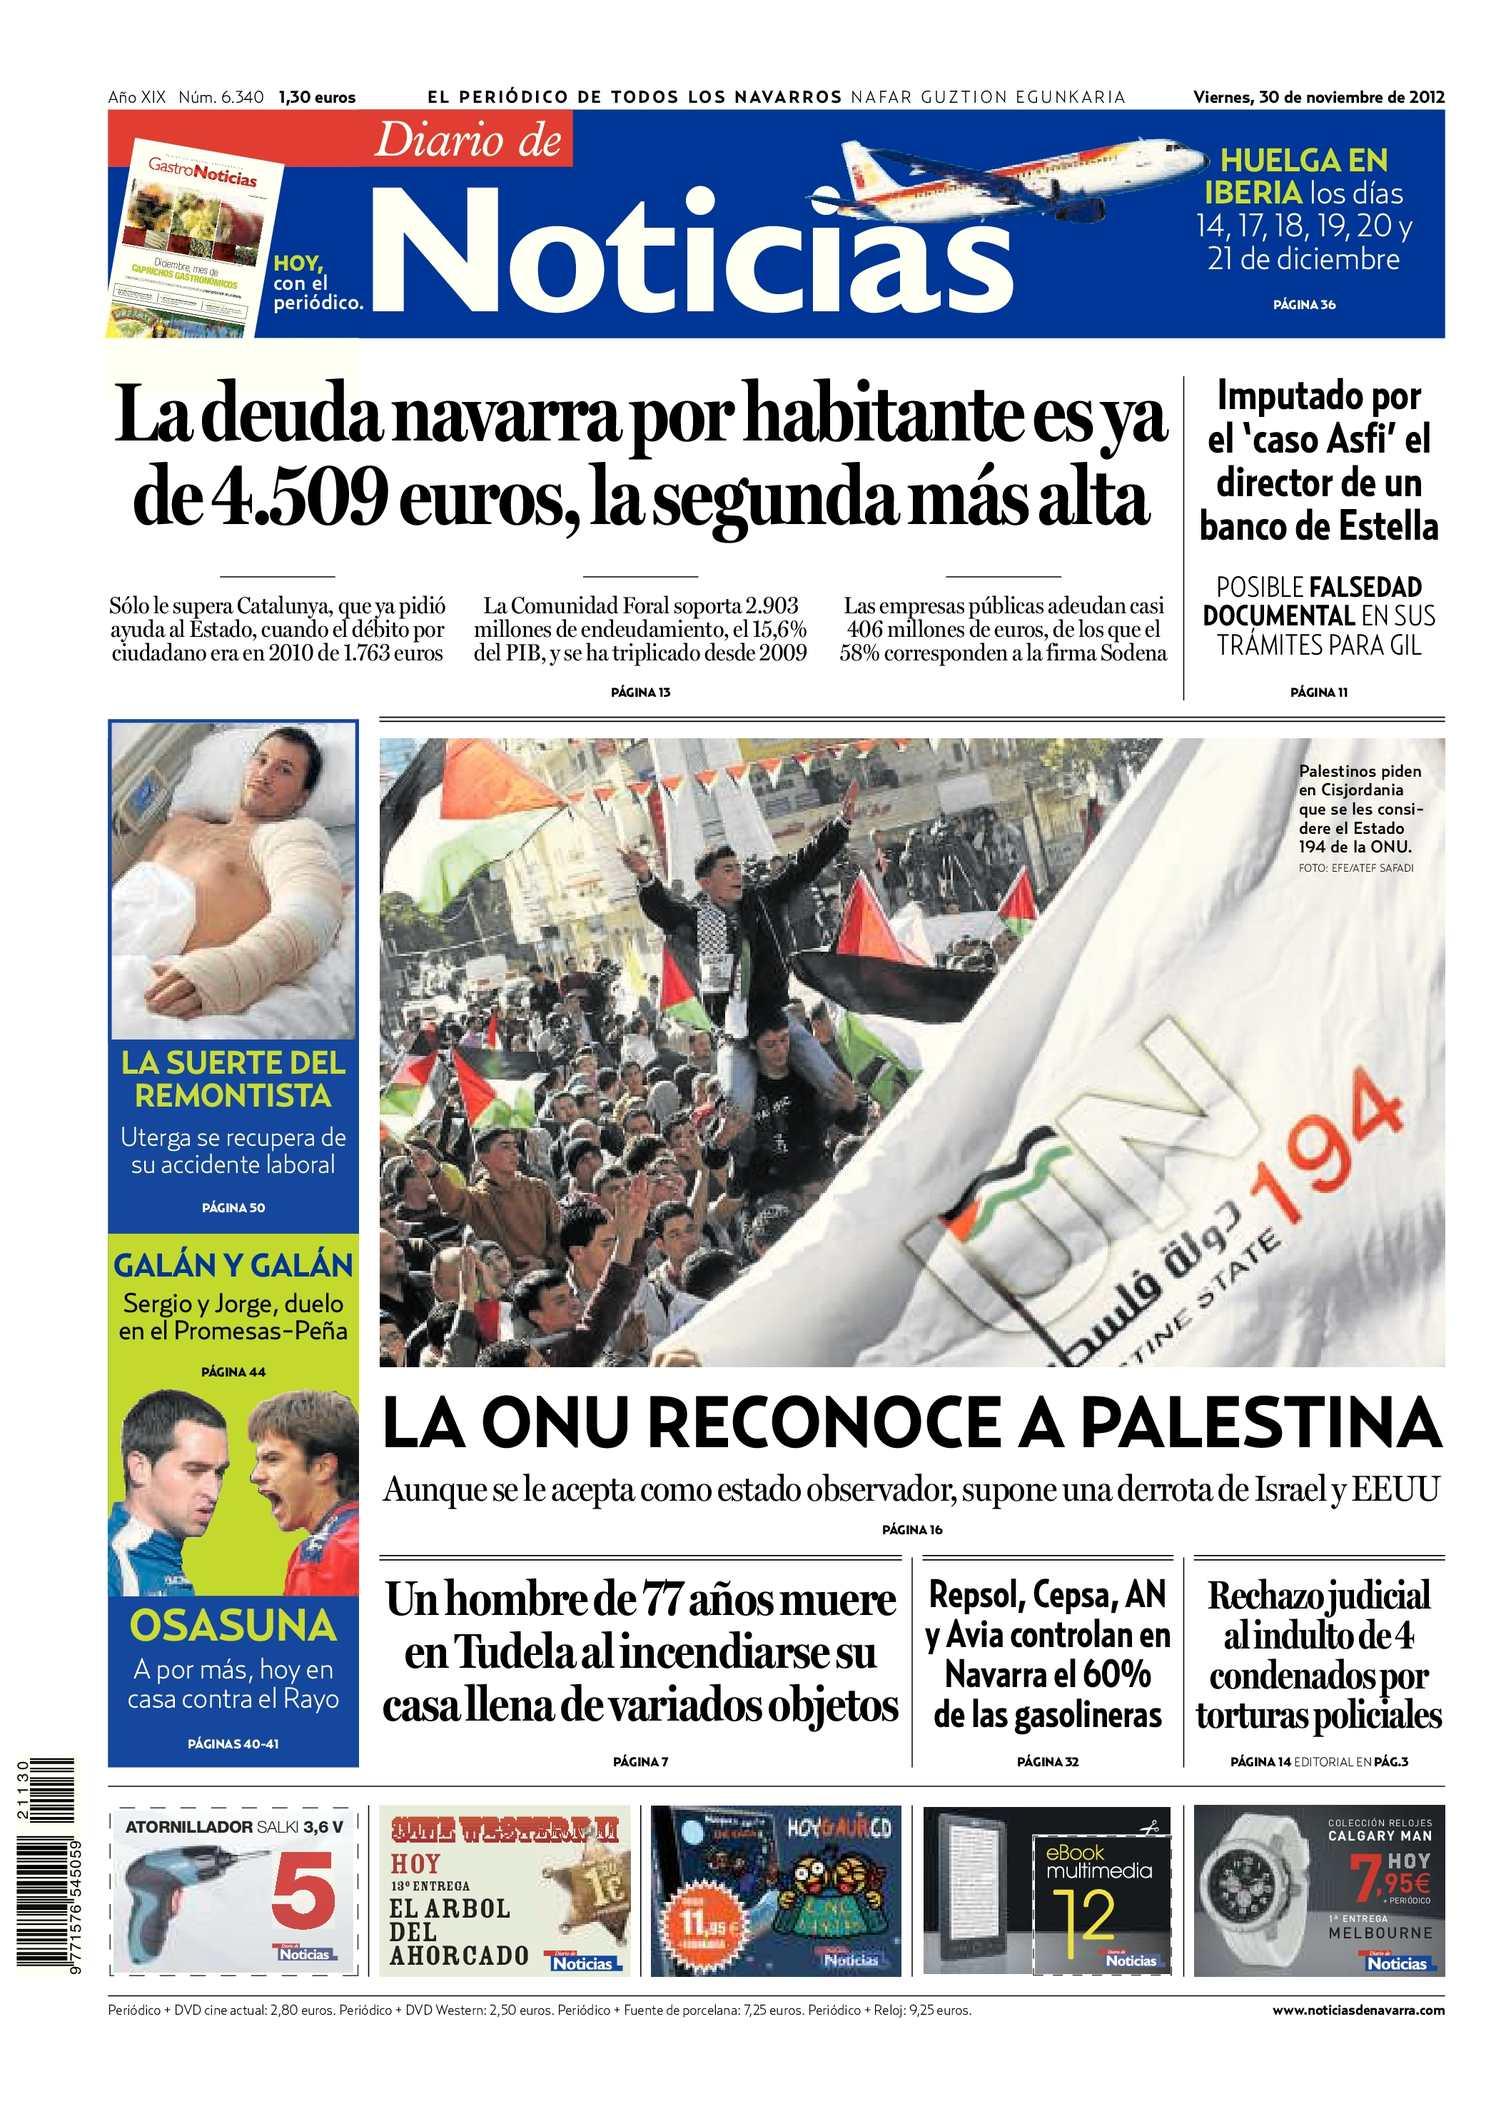 Calaméo De Noticias Calaméo Noticias Diario 20121130 Calaméo De Diario Diario 20121130 kiuOPXZ